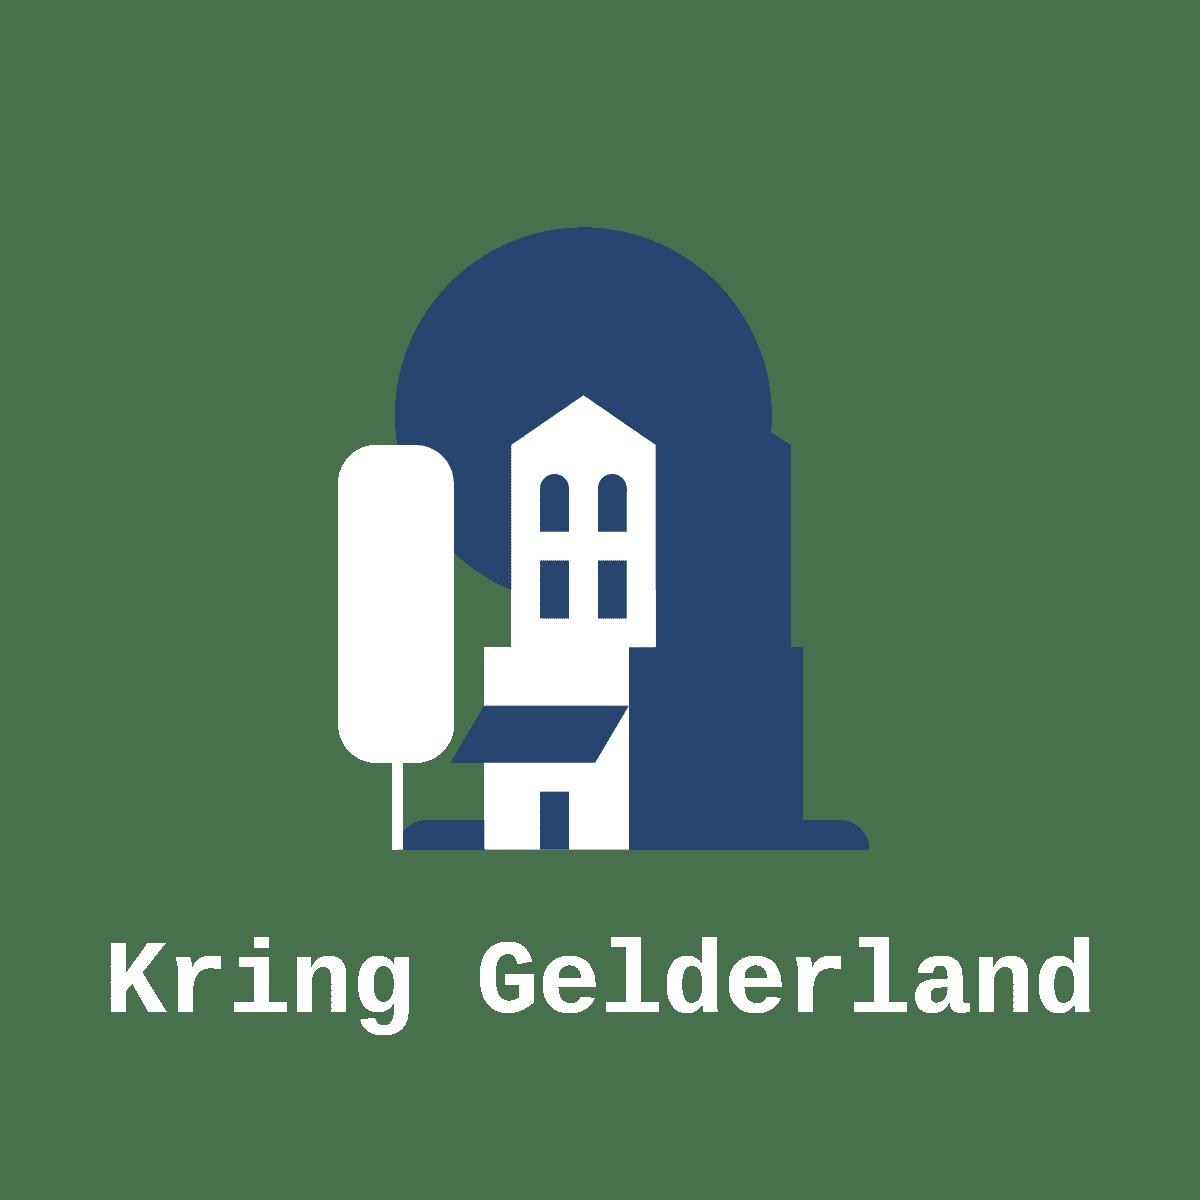 Kring Gelderland